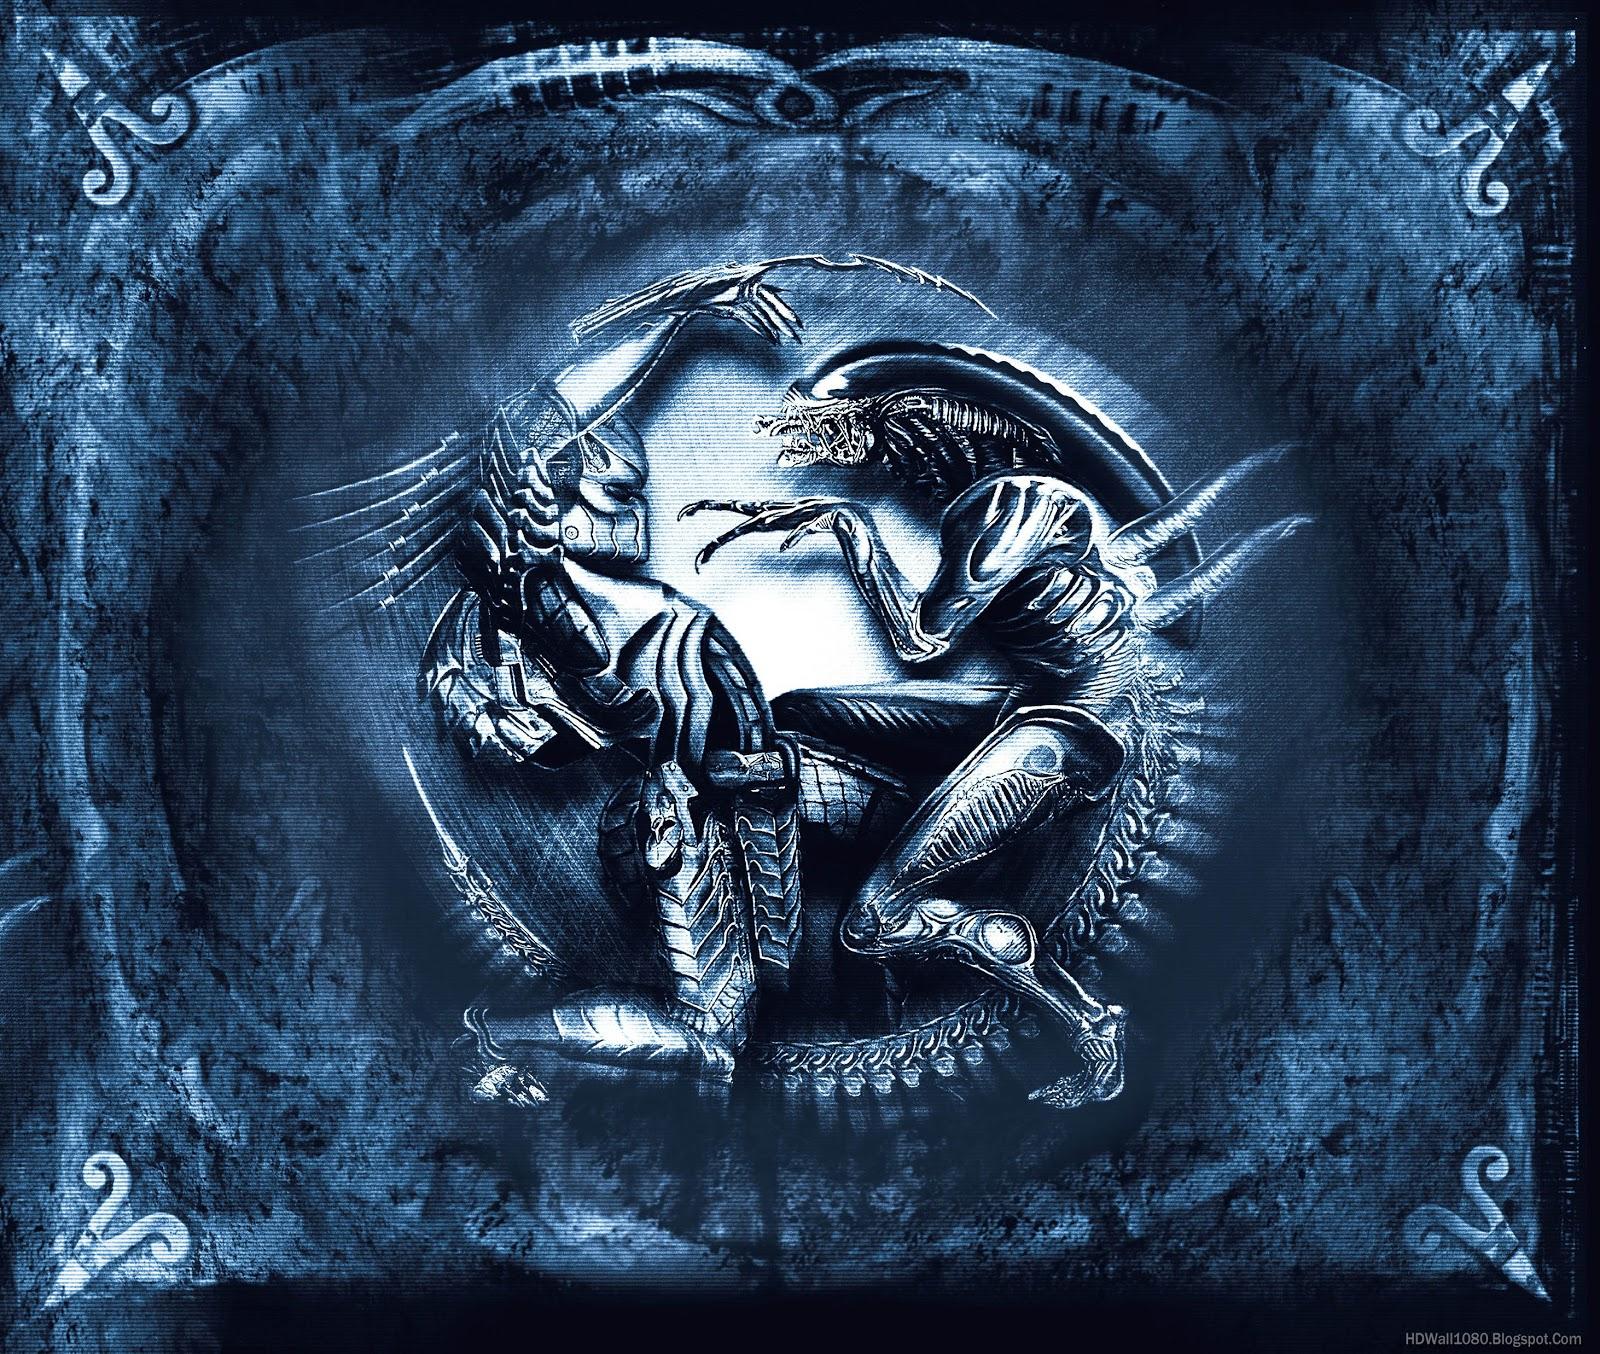 http://4.bp.blogspot.com/-EqV7bGFF_f4/ULjikUP_XWI/AAAAAAAABCk/opLdlMlSOPw/s1600/Alien%20VS%20Predator%20Wallpaper.jpg